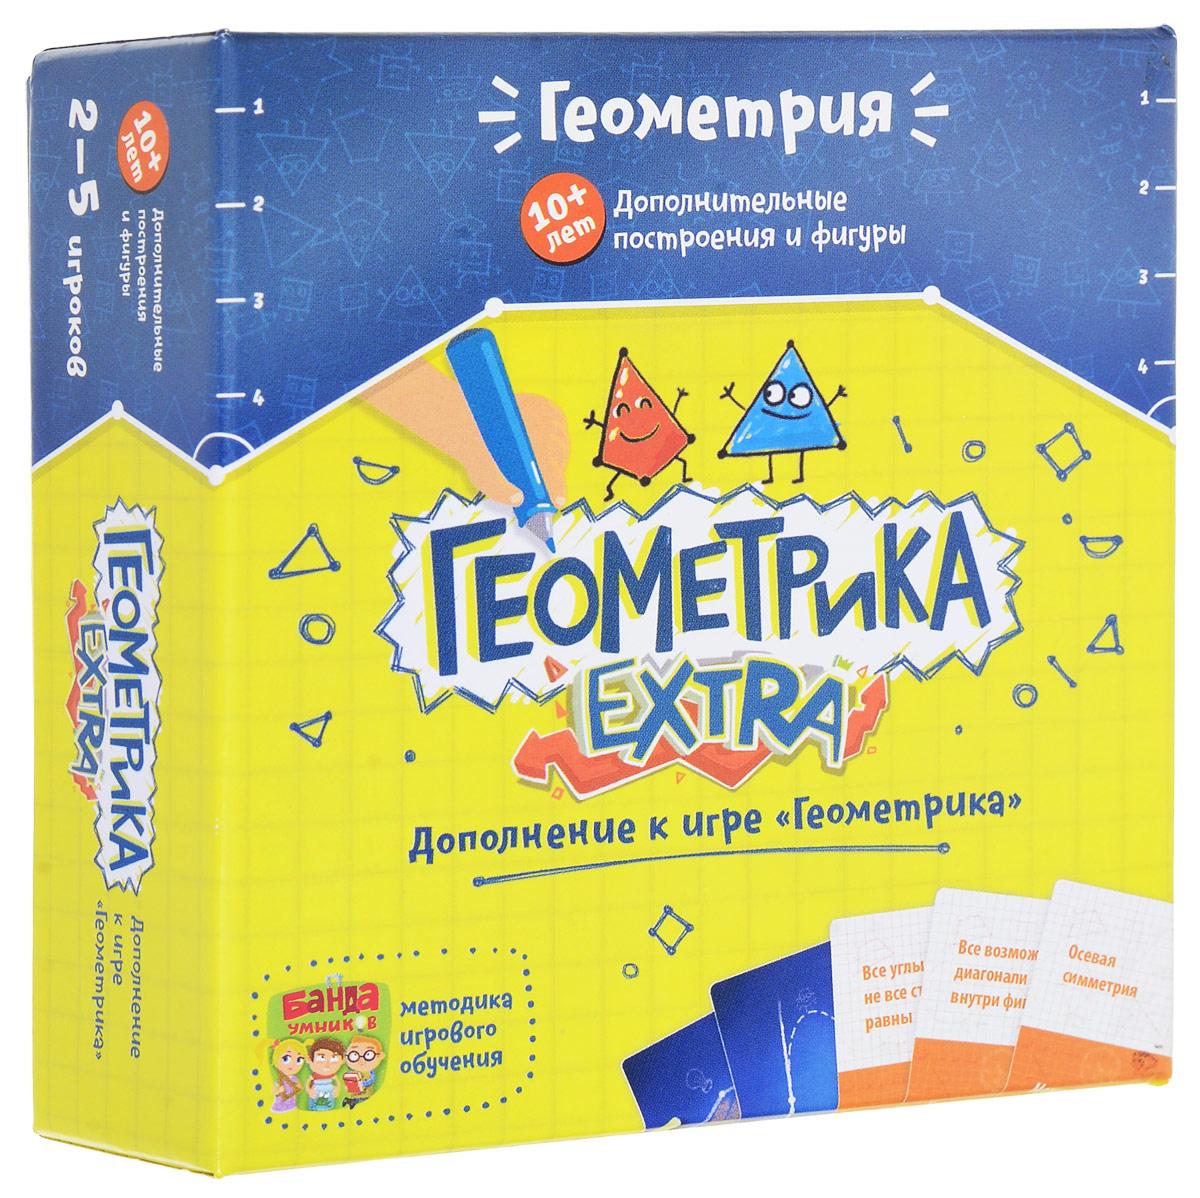 Банда Умников Обучающая игра Геометрика Extra игры для школьников банда умников увлекательная настольная игра геометрика extra